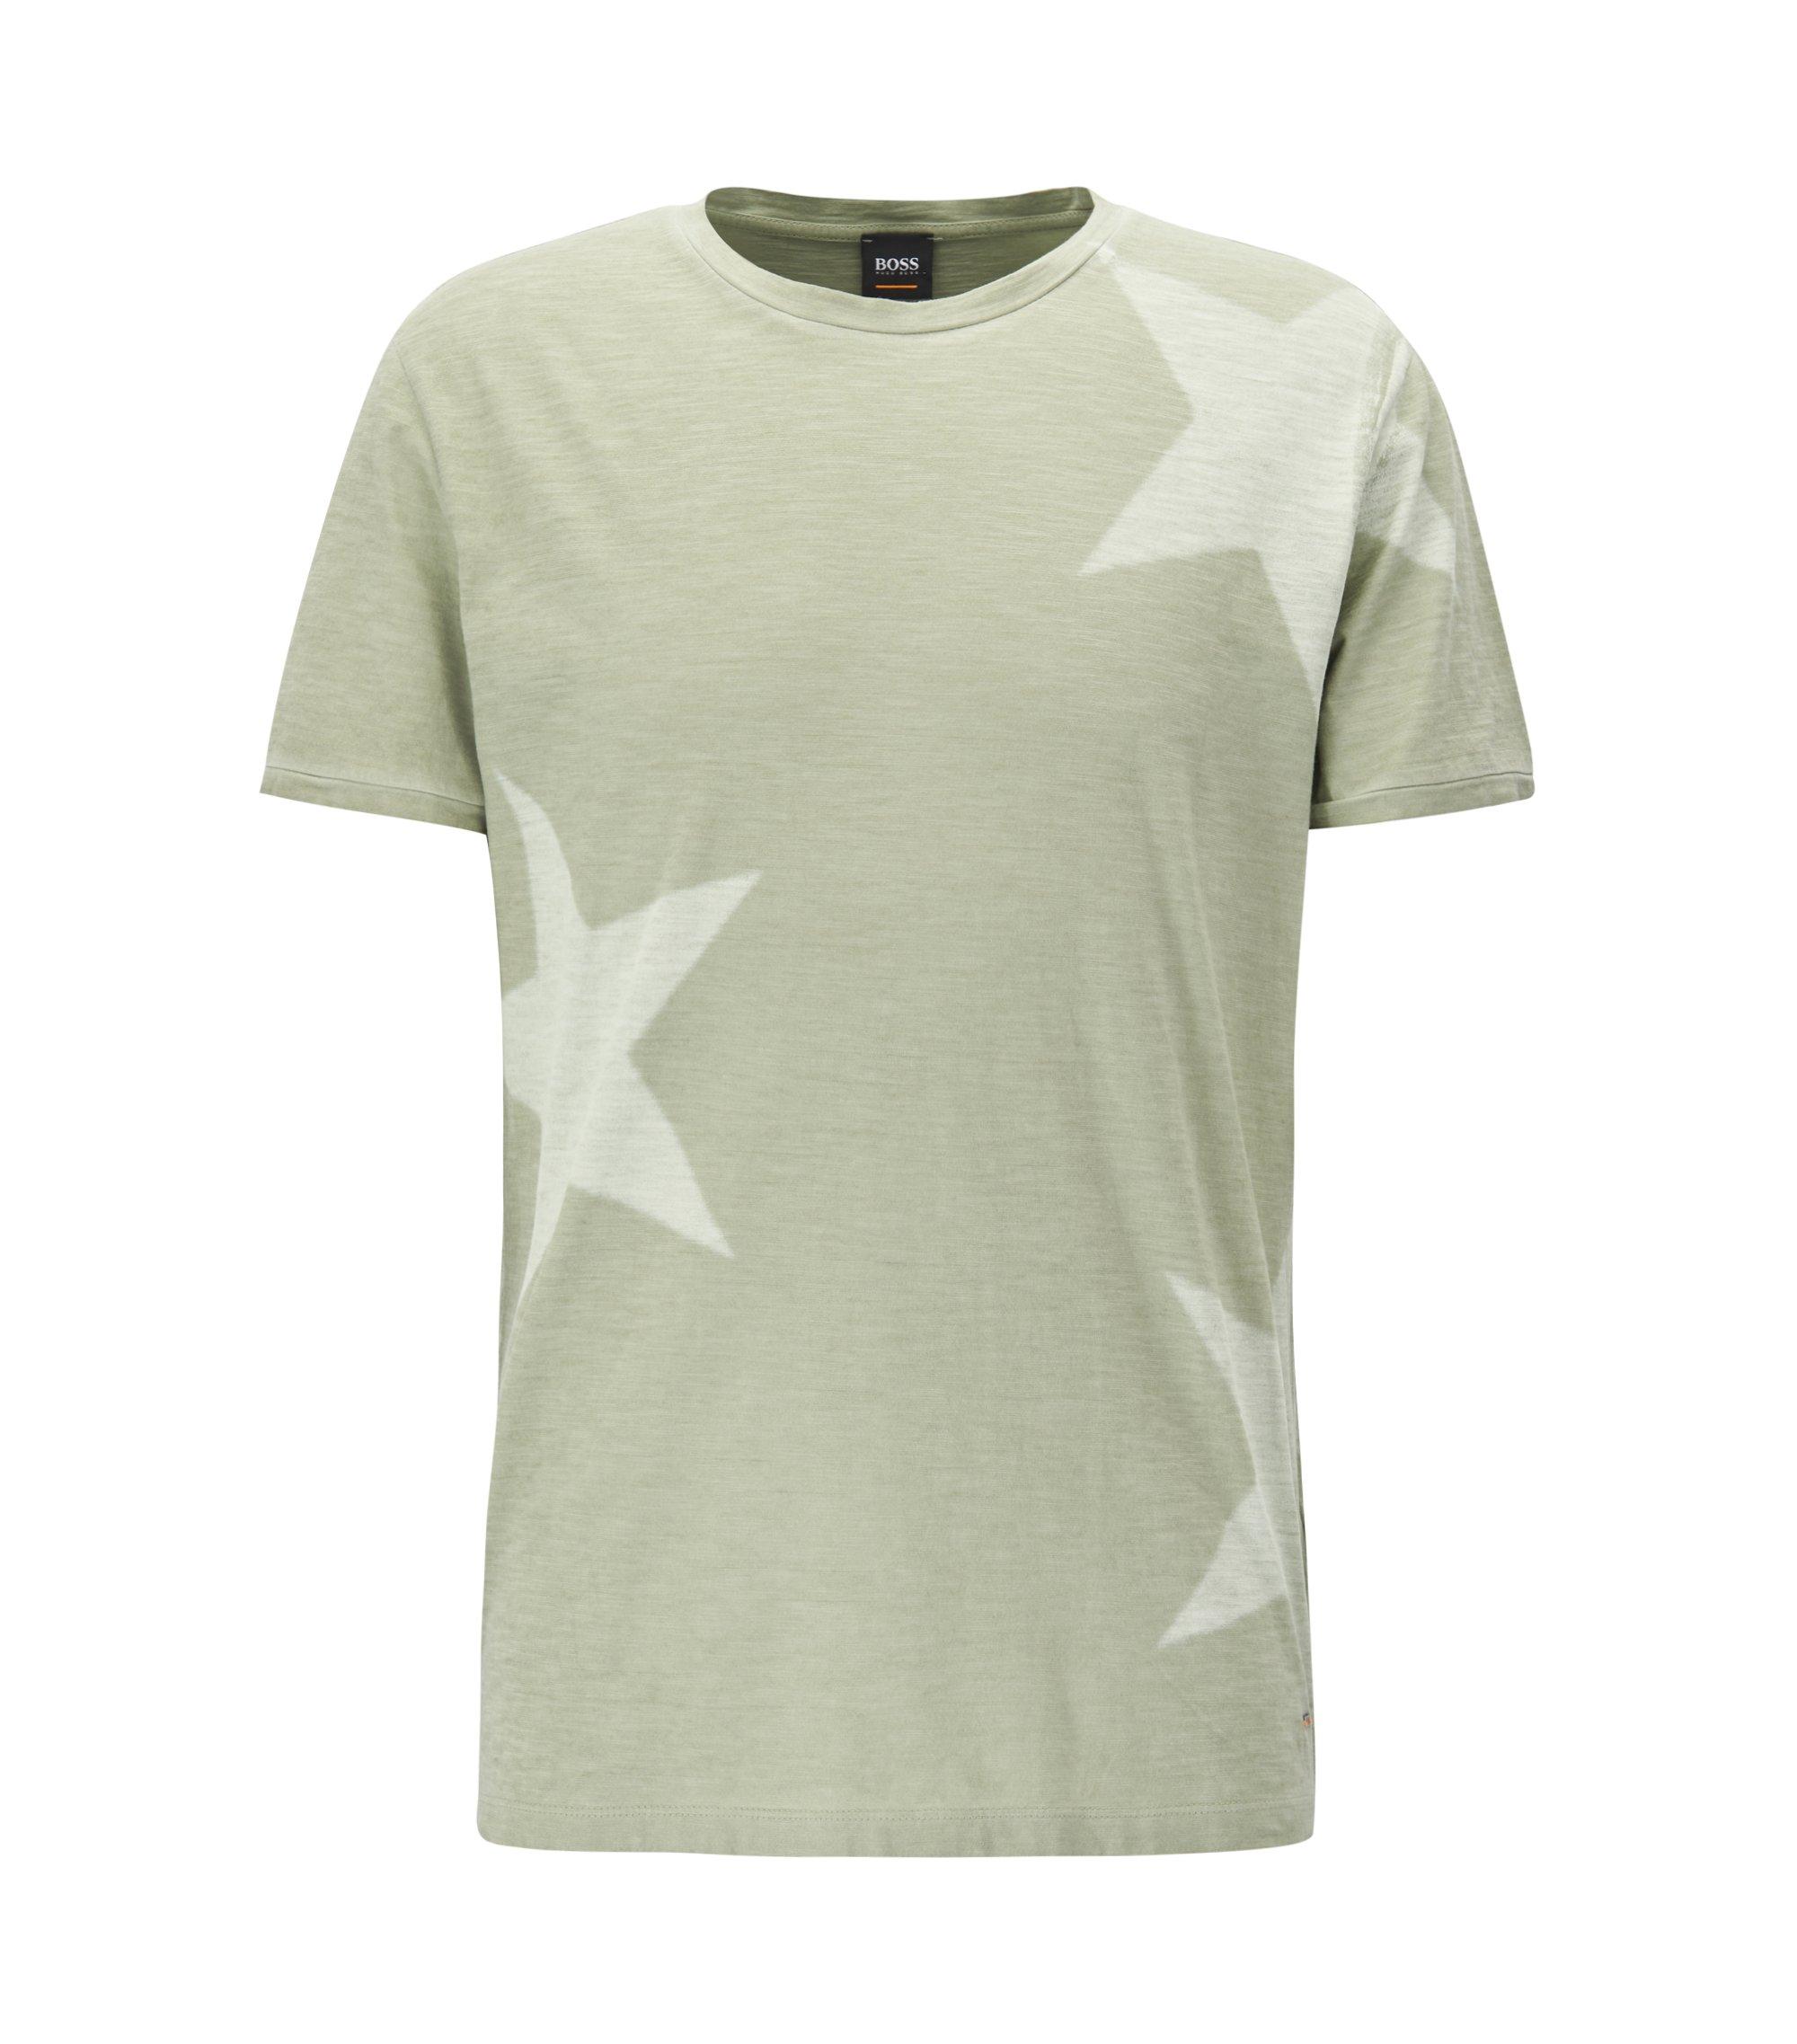 T-Shirt aus strukturiertem Baumwoll-Jersey mit Sternen-Print, Hellgrün